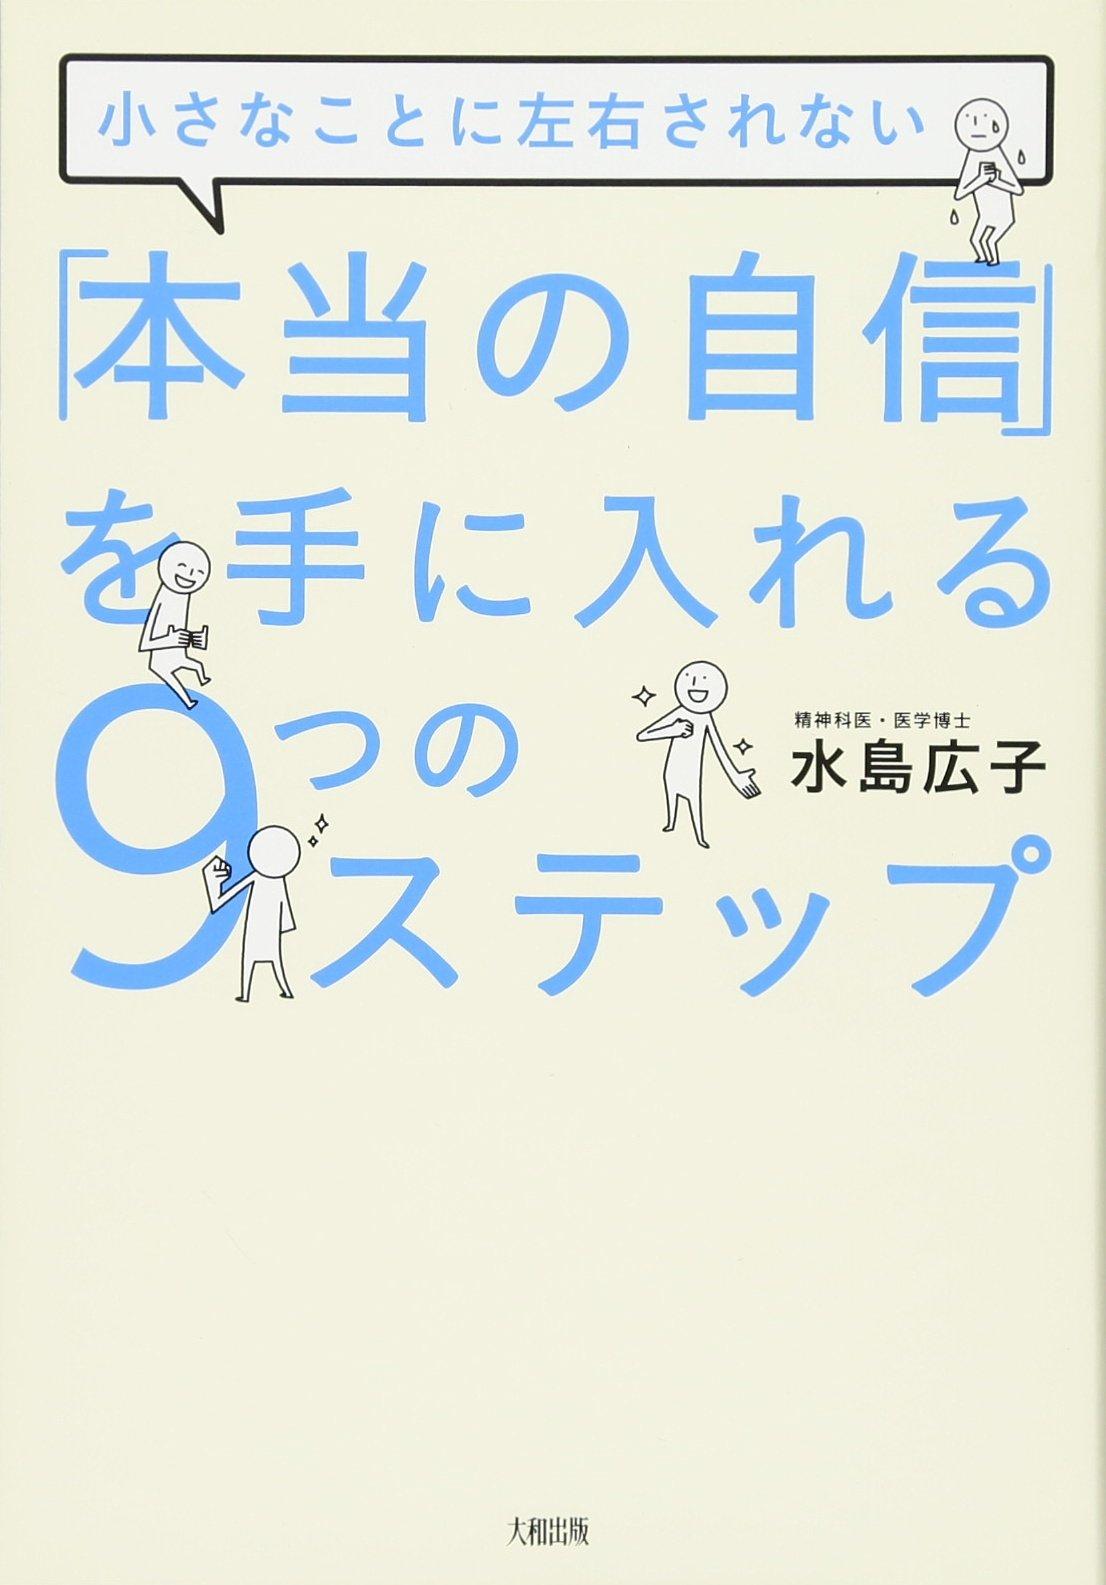 Read Online Honto no jishin o te ni ireru kokonotsu no suteppu : Chisana koto ni sayu sarenai. pdf epub